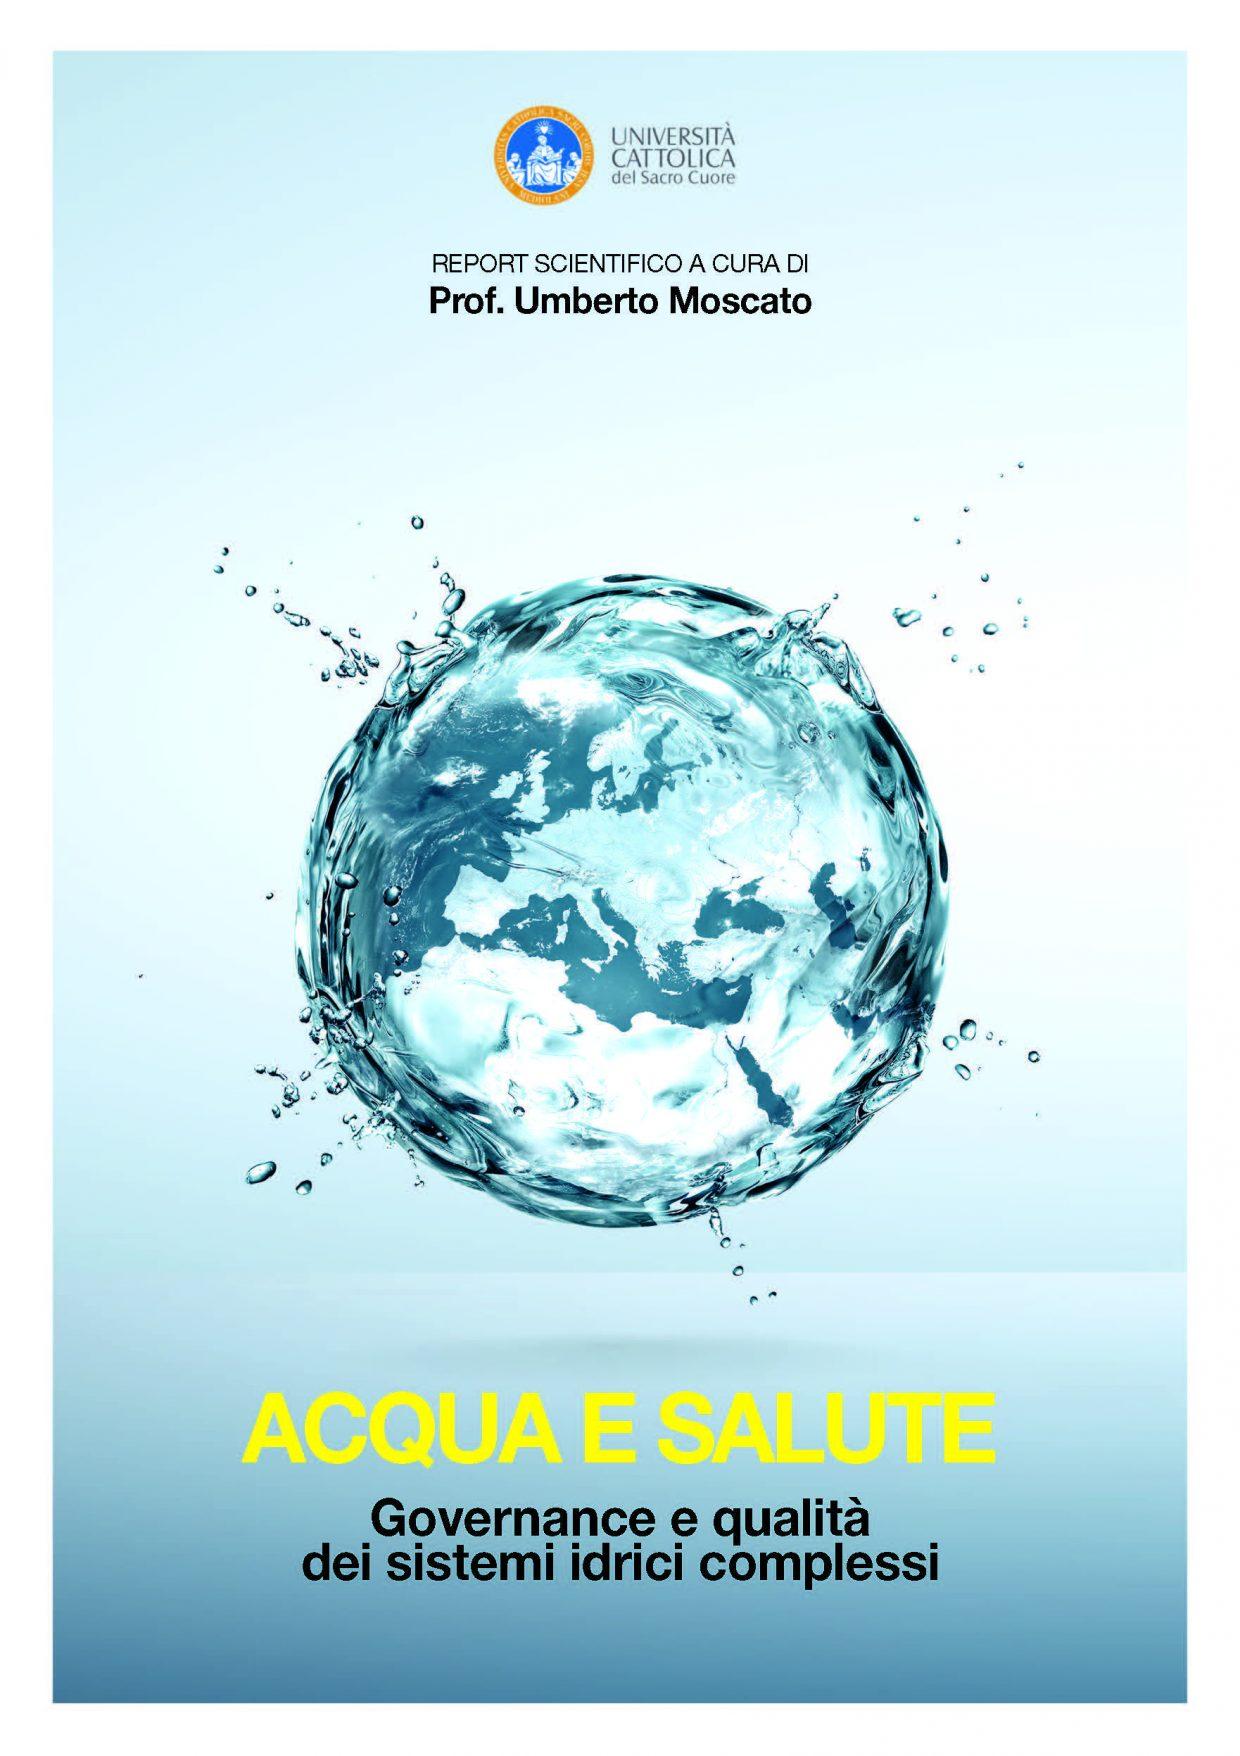 """Con """"Acqua e salute – La copertina del report: """"Governance e qualità dei sistemi idrici complessi"""", curato dal prof. Umberto Moscato dell'Università Cattolica del Sacro Cuore di Roma"""